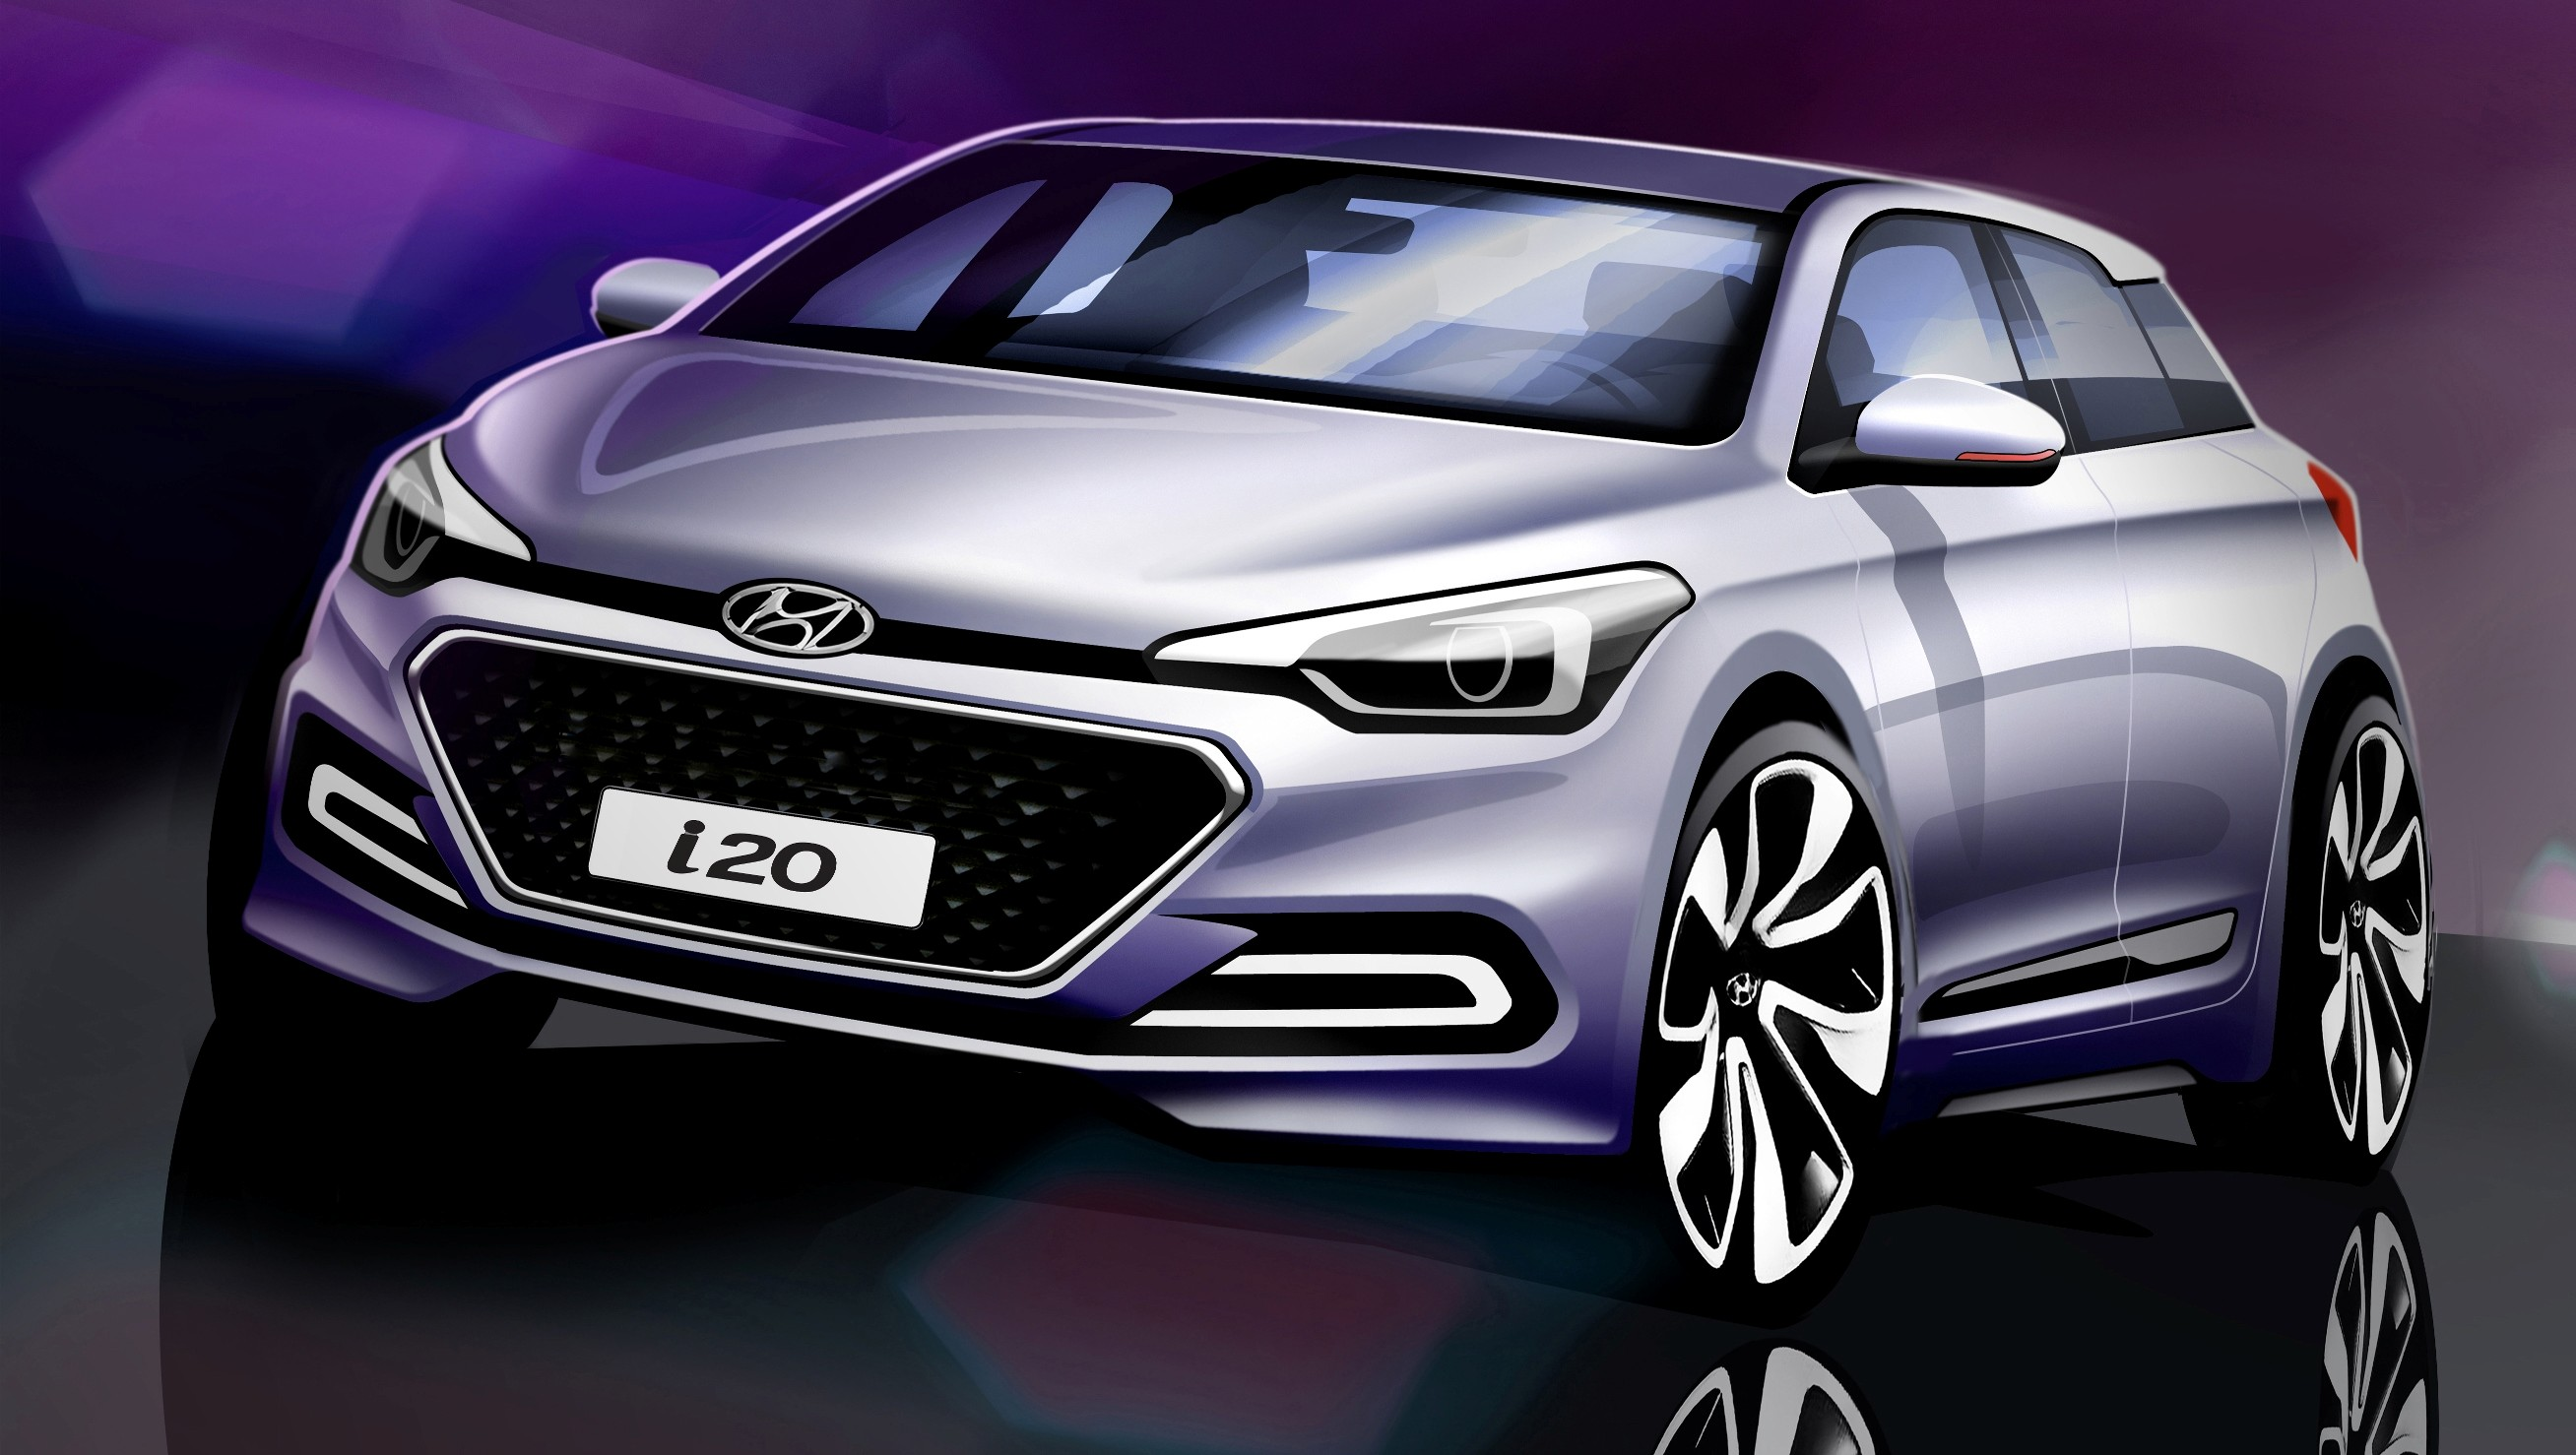 Photo of Hyundai i20 Resmi Mengaspal di Indonesia, Andalkan Teknologi Berkualitas